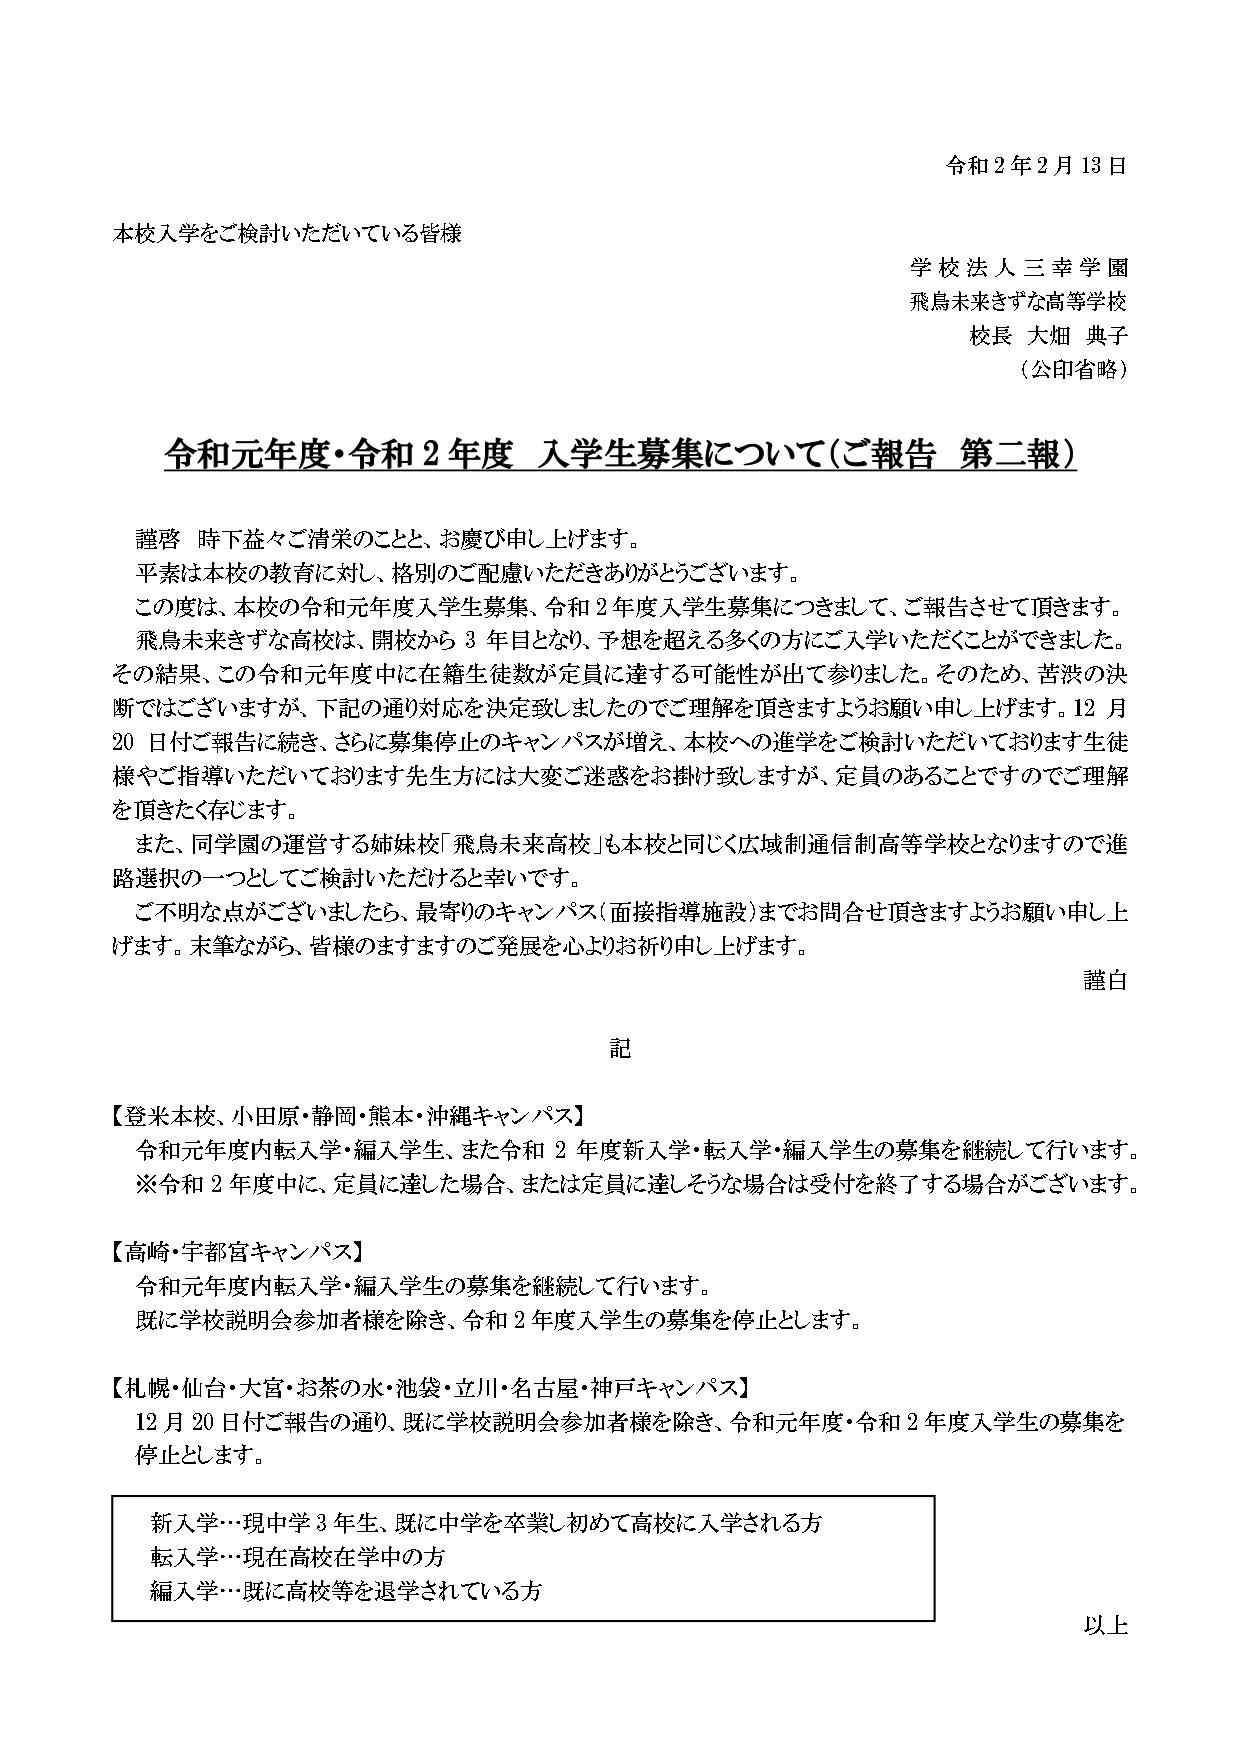 きずな【募集について】HP掲載文書20200213_page-0001 仙台.jpg